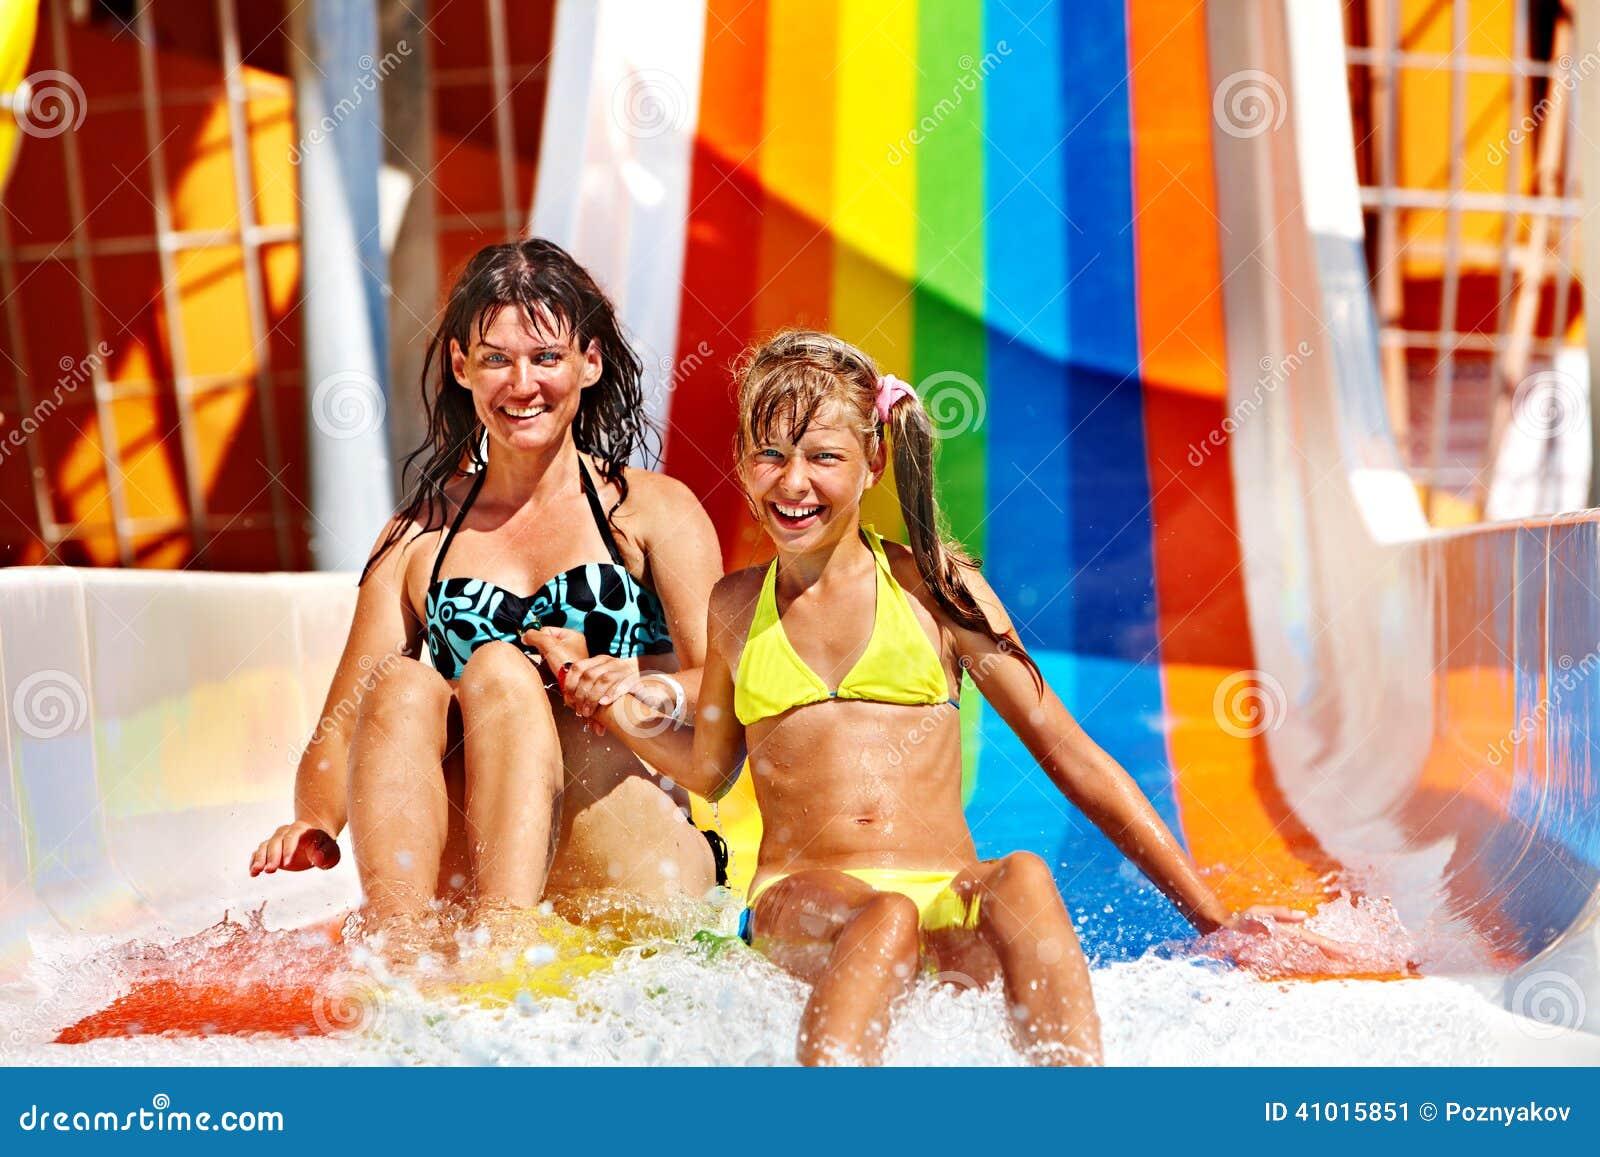 Family In Bikini Sliding Water Park Stock Photo Image